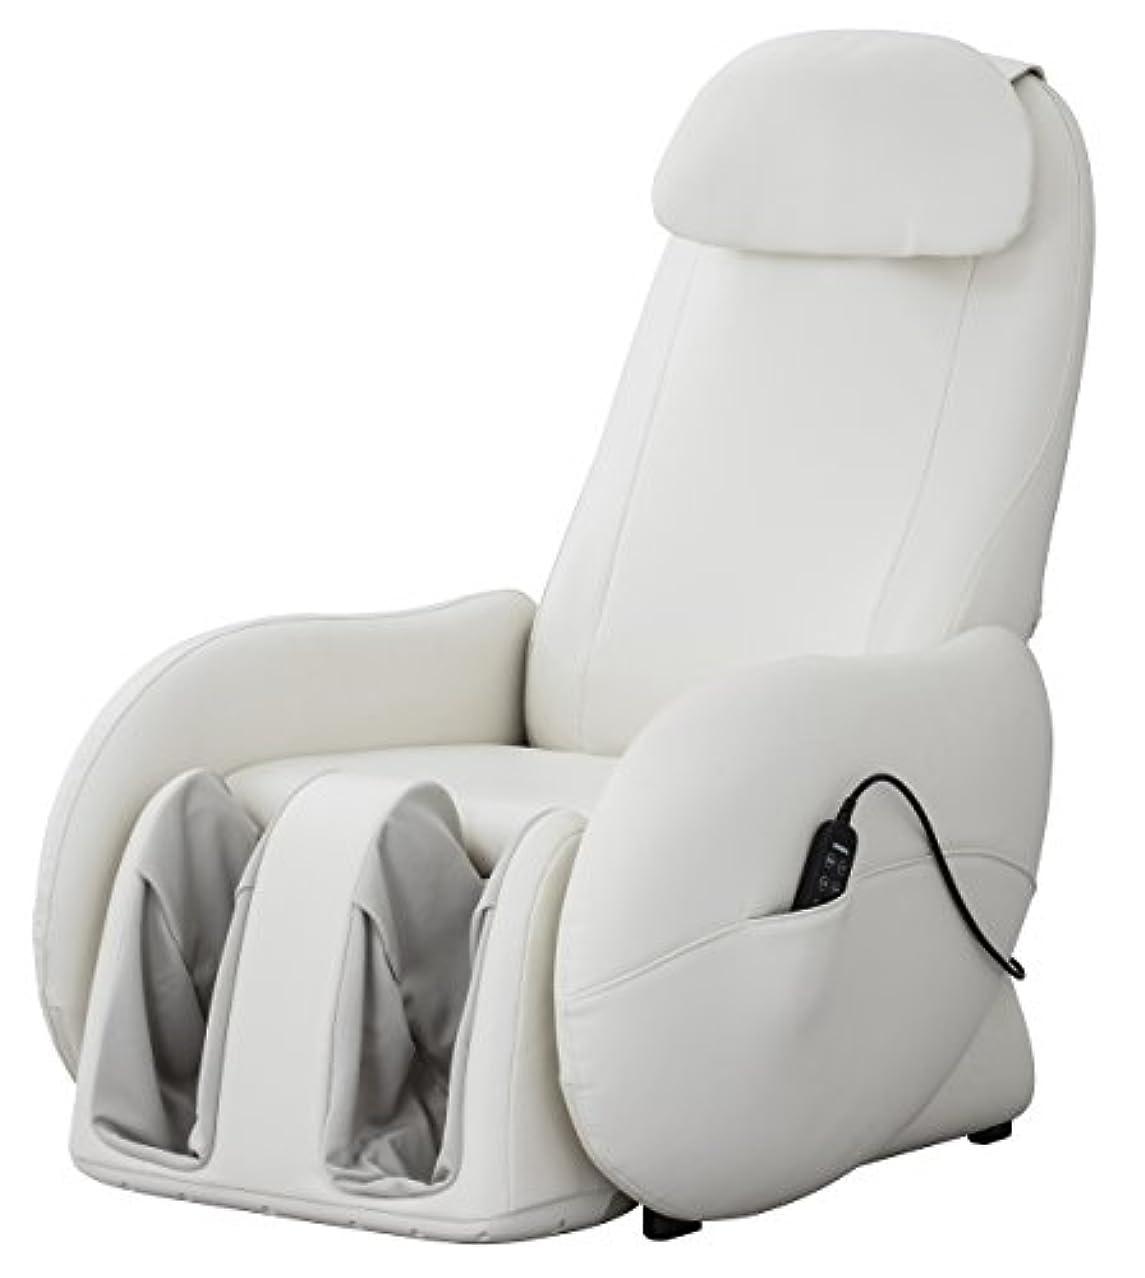 偉業挑むパテスライヴ くつろぎ指定席Light マッサージチェア CHD-3700WH ホワイト 正規品 おしゃれ コンパクト 小型